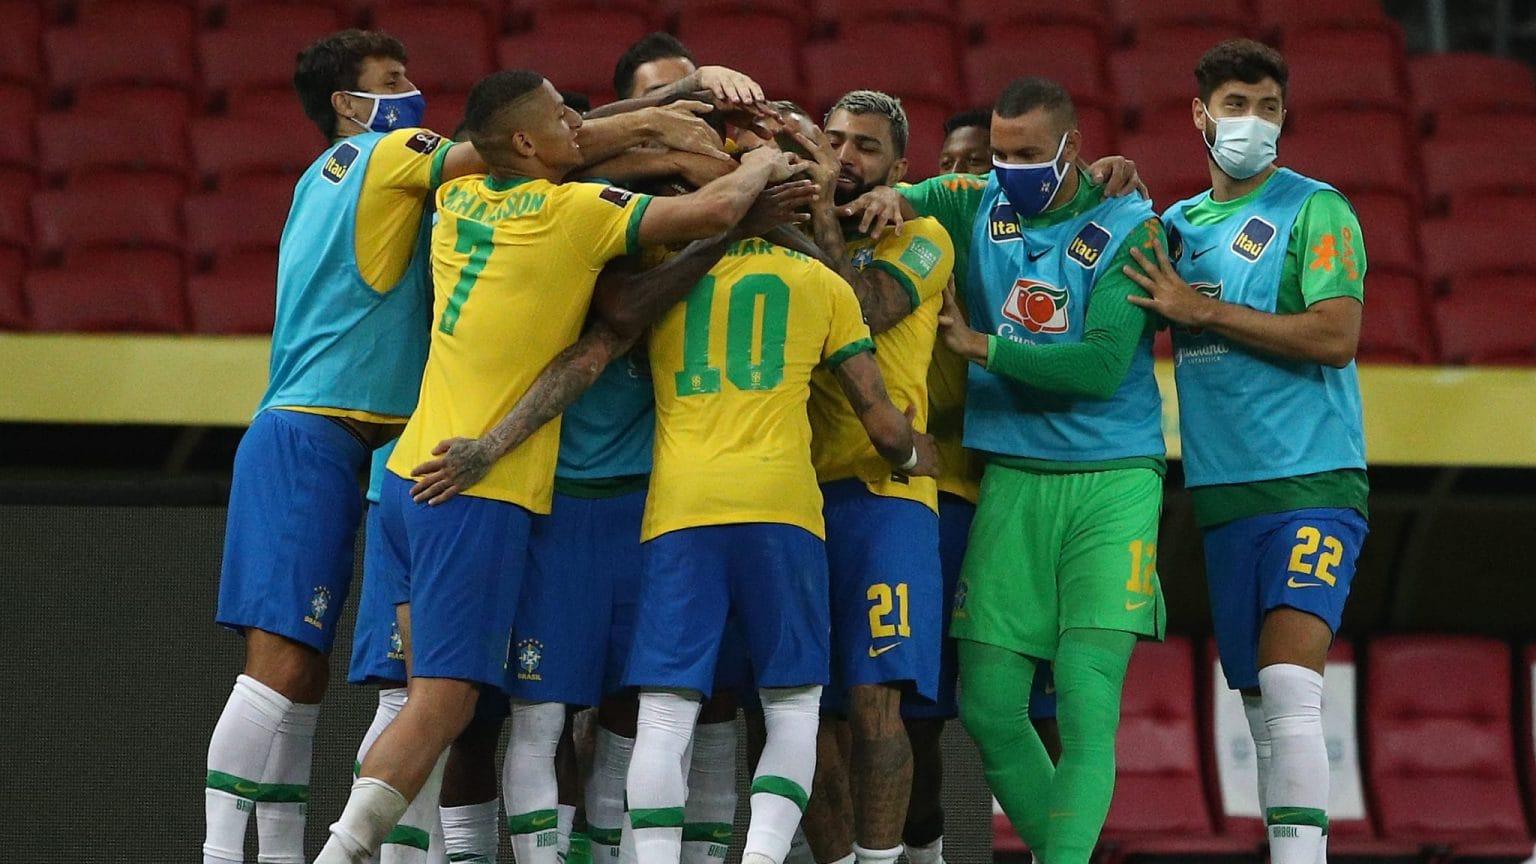 विश्वकप फुटबल २०२२ को छनौटमा ब्राजिलको लगातार पाँचौँ जित